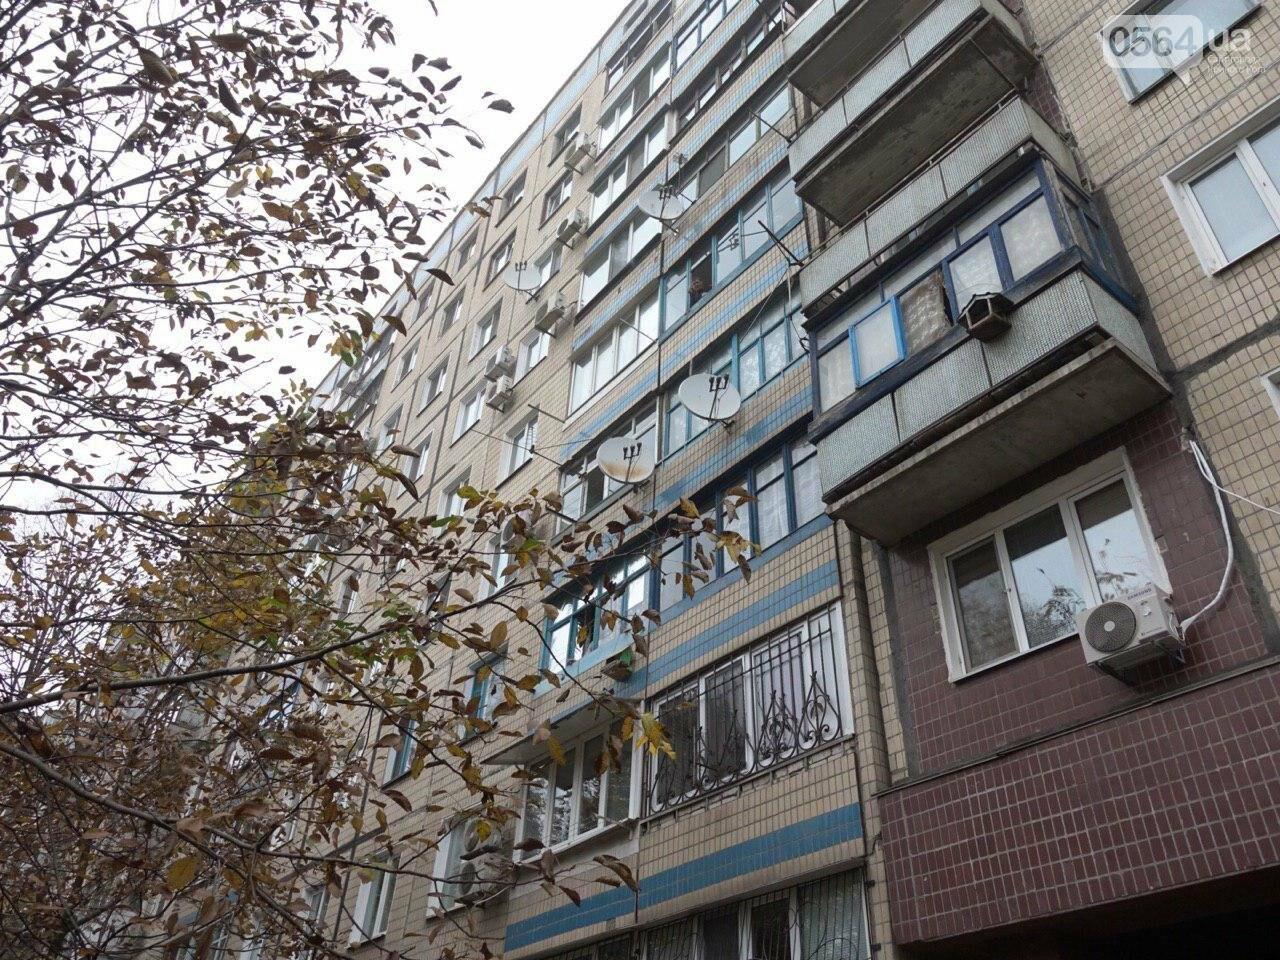 В Кривом Роге из окна 9 этажа выпал мужчина, - ФОТО 18+, фото-1